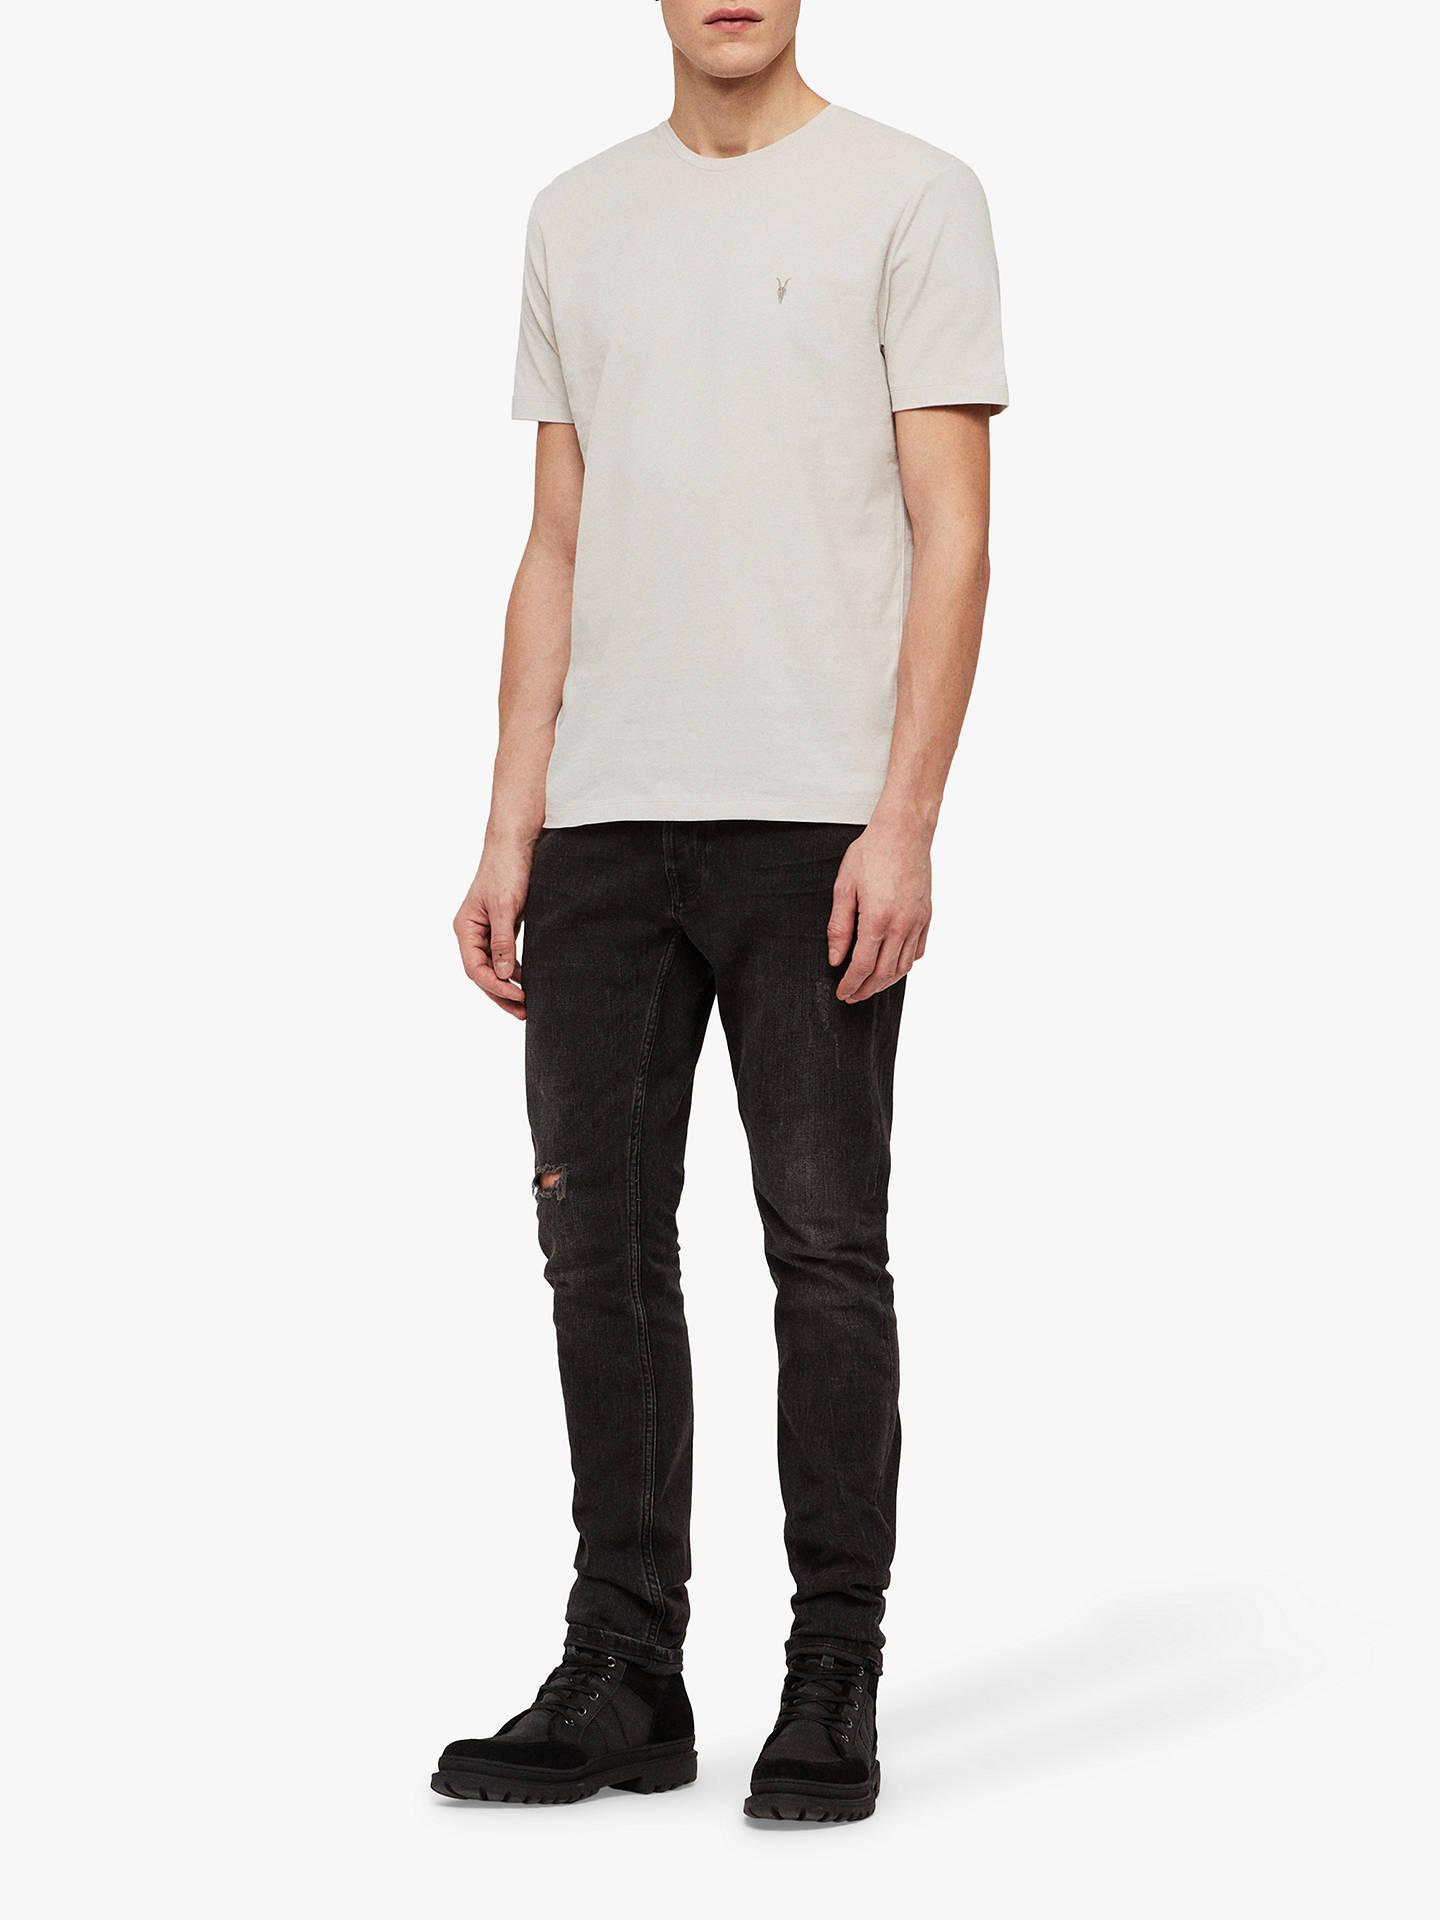 klassischer Chic beste Auswahl an neue auswahl AllSaints Brace Tonic Crew Neck T-Shirt at John Lewis & Partners